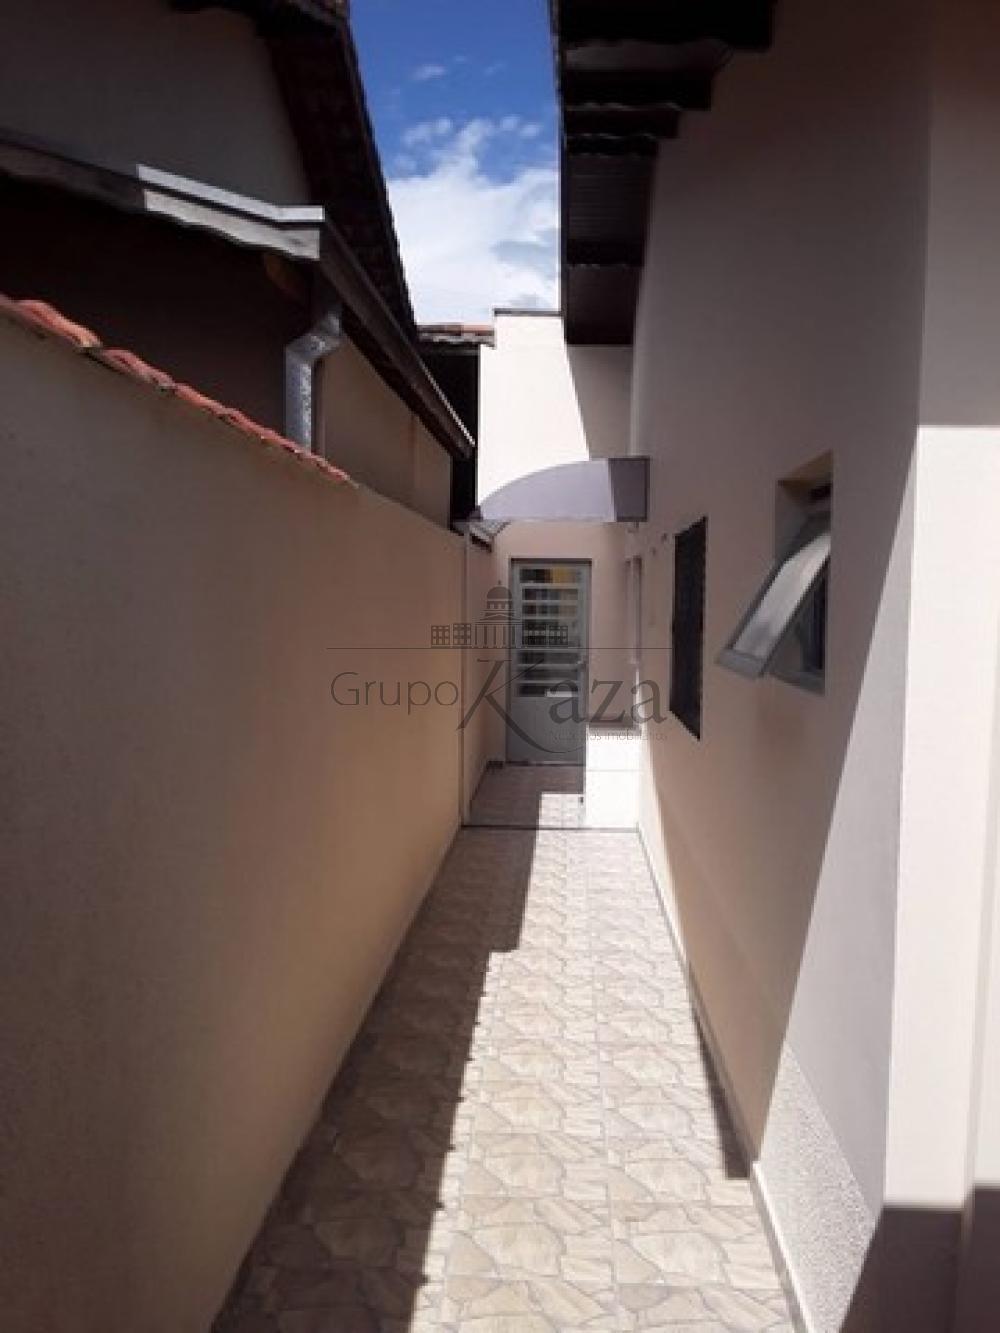 alt='Comprar Casa / Térrea em São José dos Campos R$ 475.000,00 - Foto 12' title='Comprar Casa / Térrea em São José dos Campos R$ 475.000,00 - Foto 12'